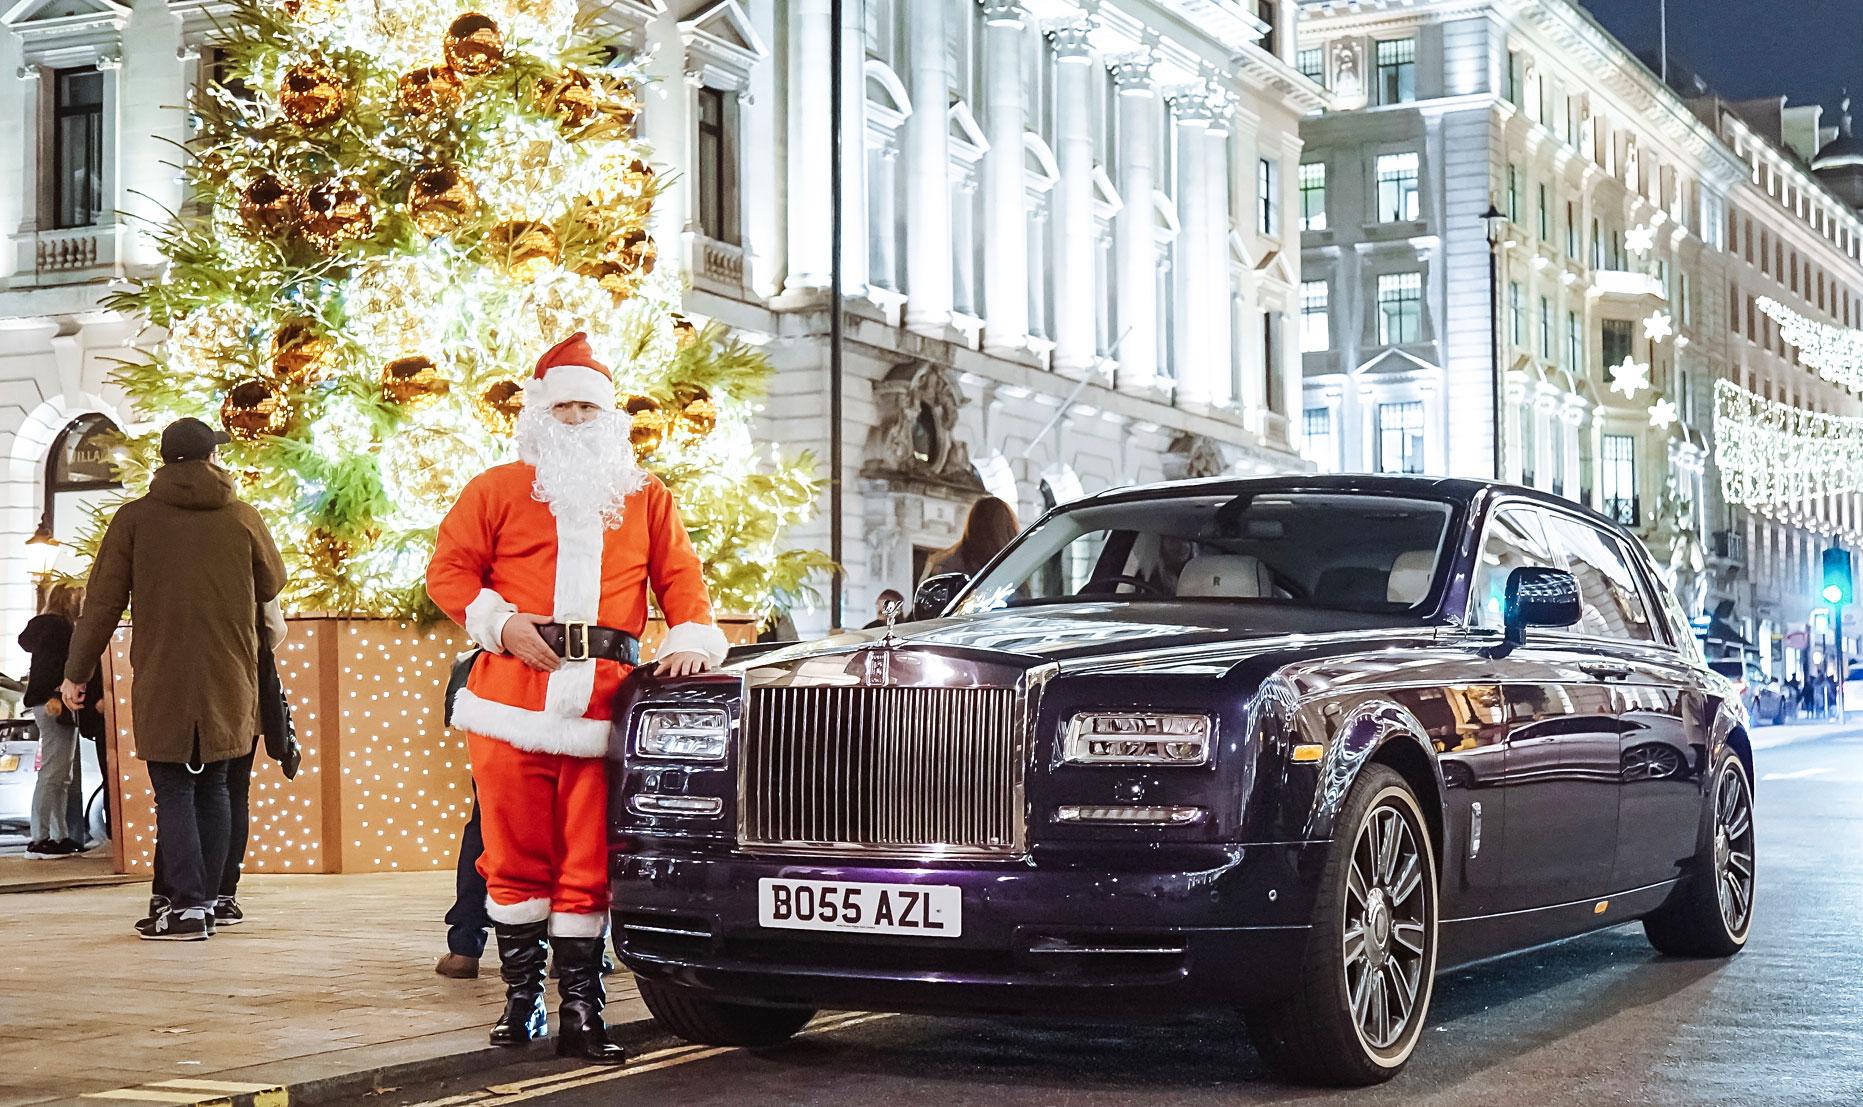 The Luxury A to Z of London in a Rolls Royce Phantom 11